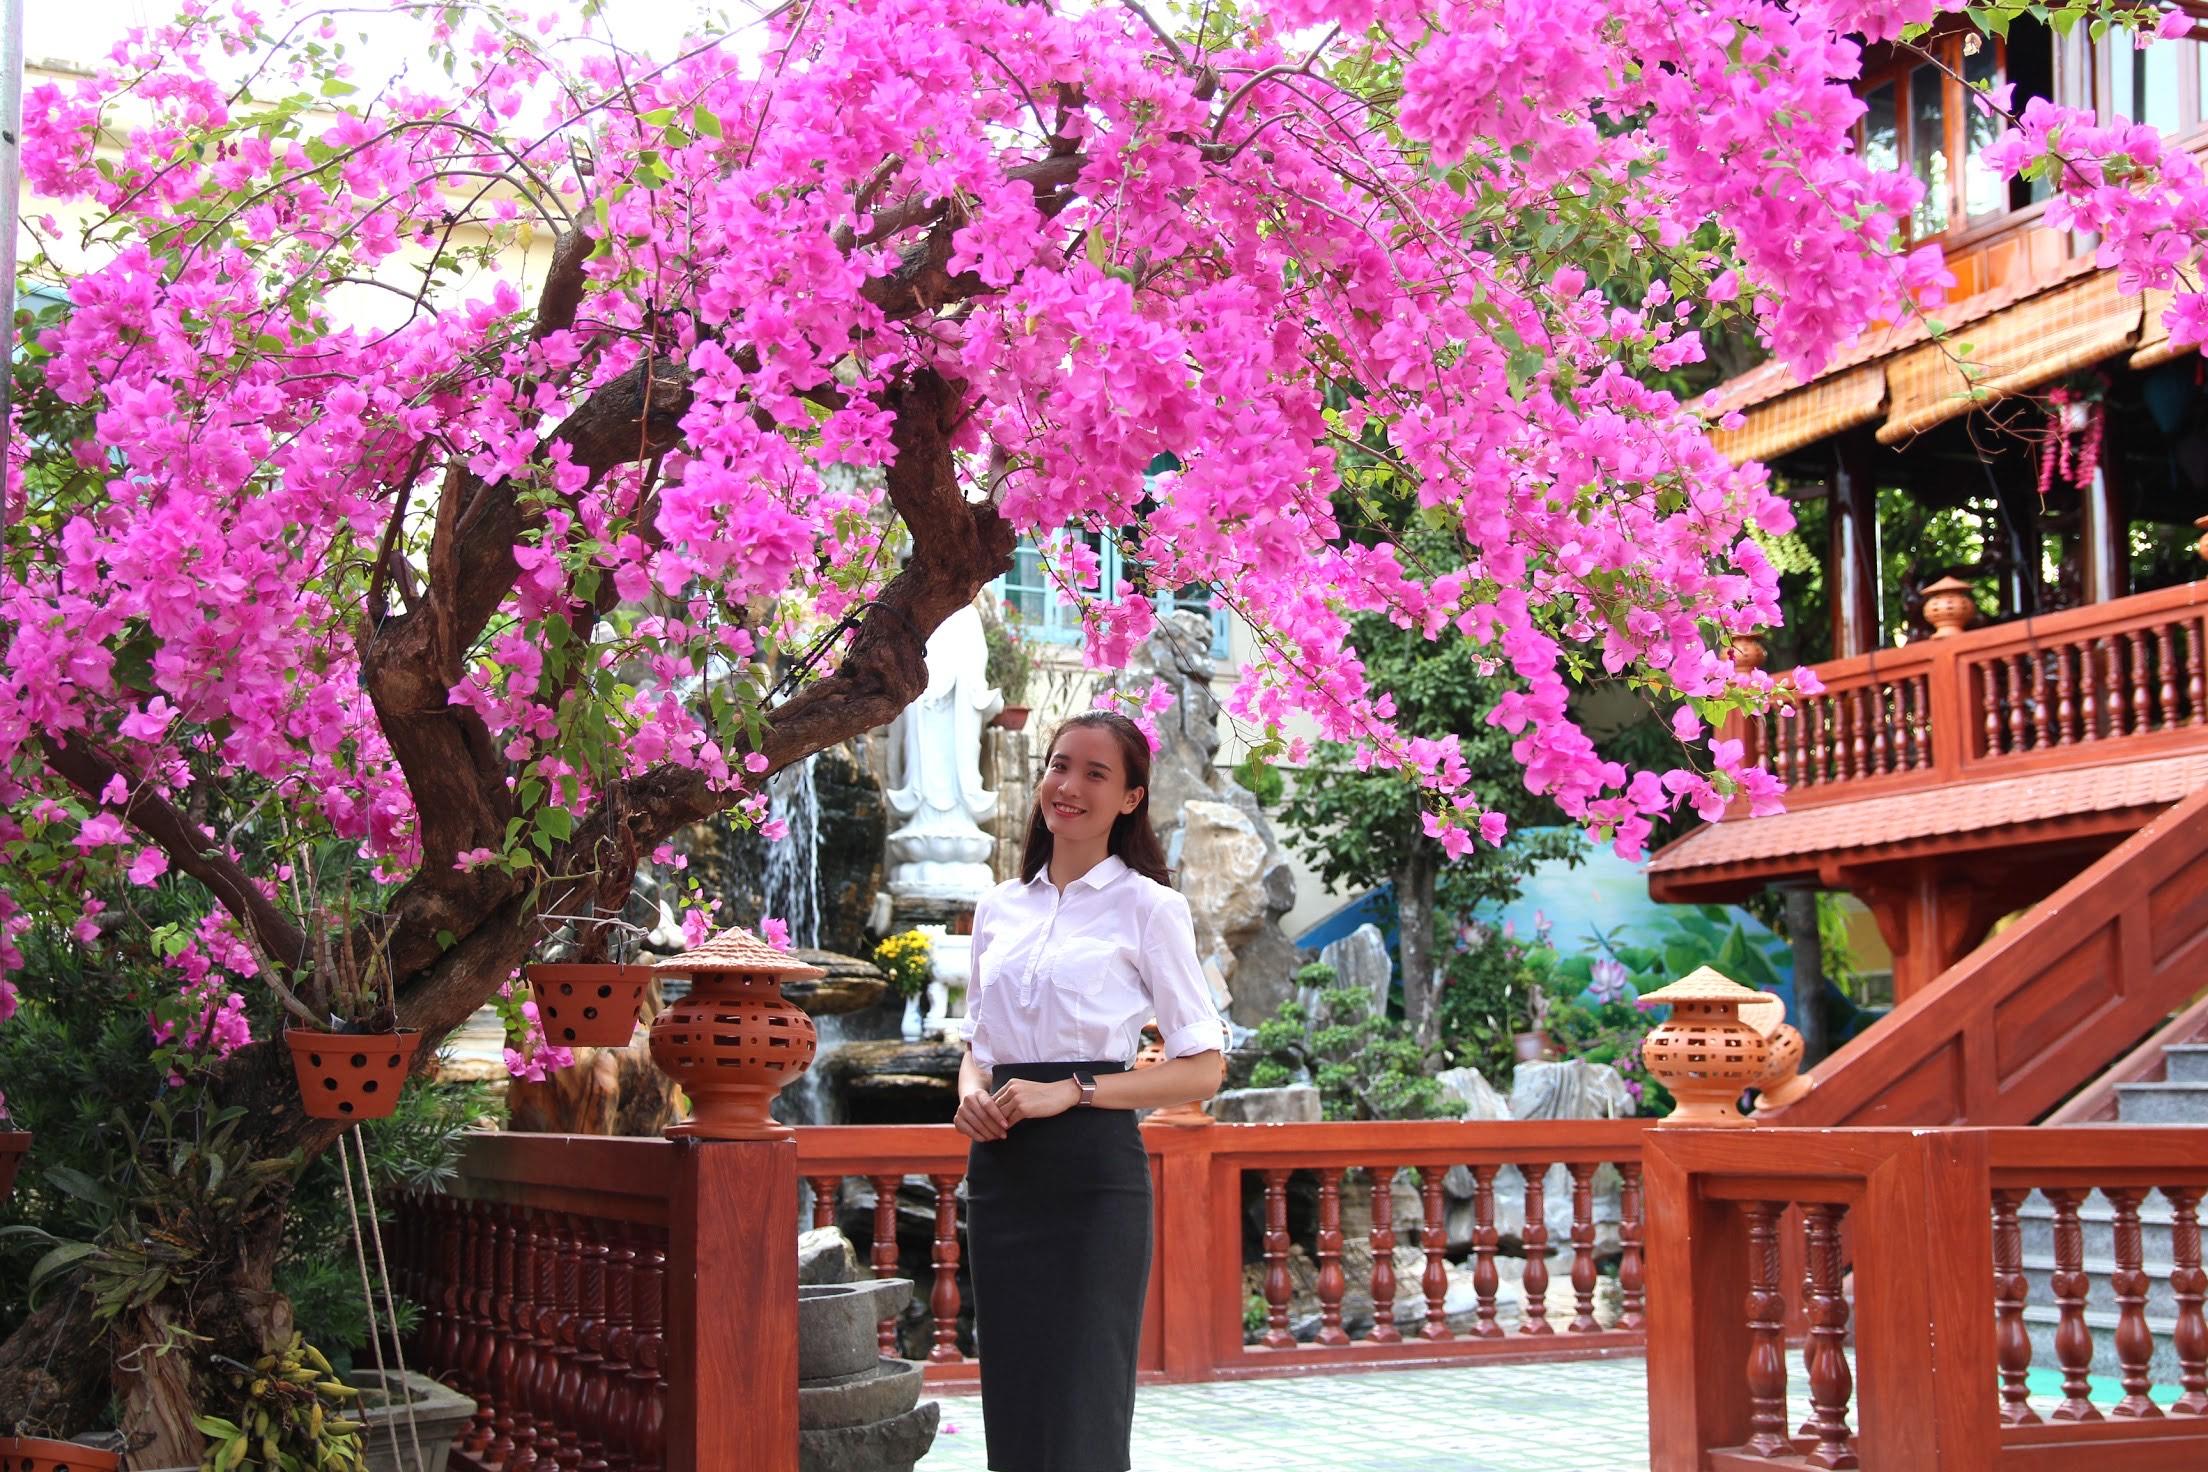 Tìm người đẹp nhất qua ảnh cuộc thi Người mẫu sinh viên Việt Nam 2020